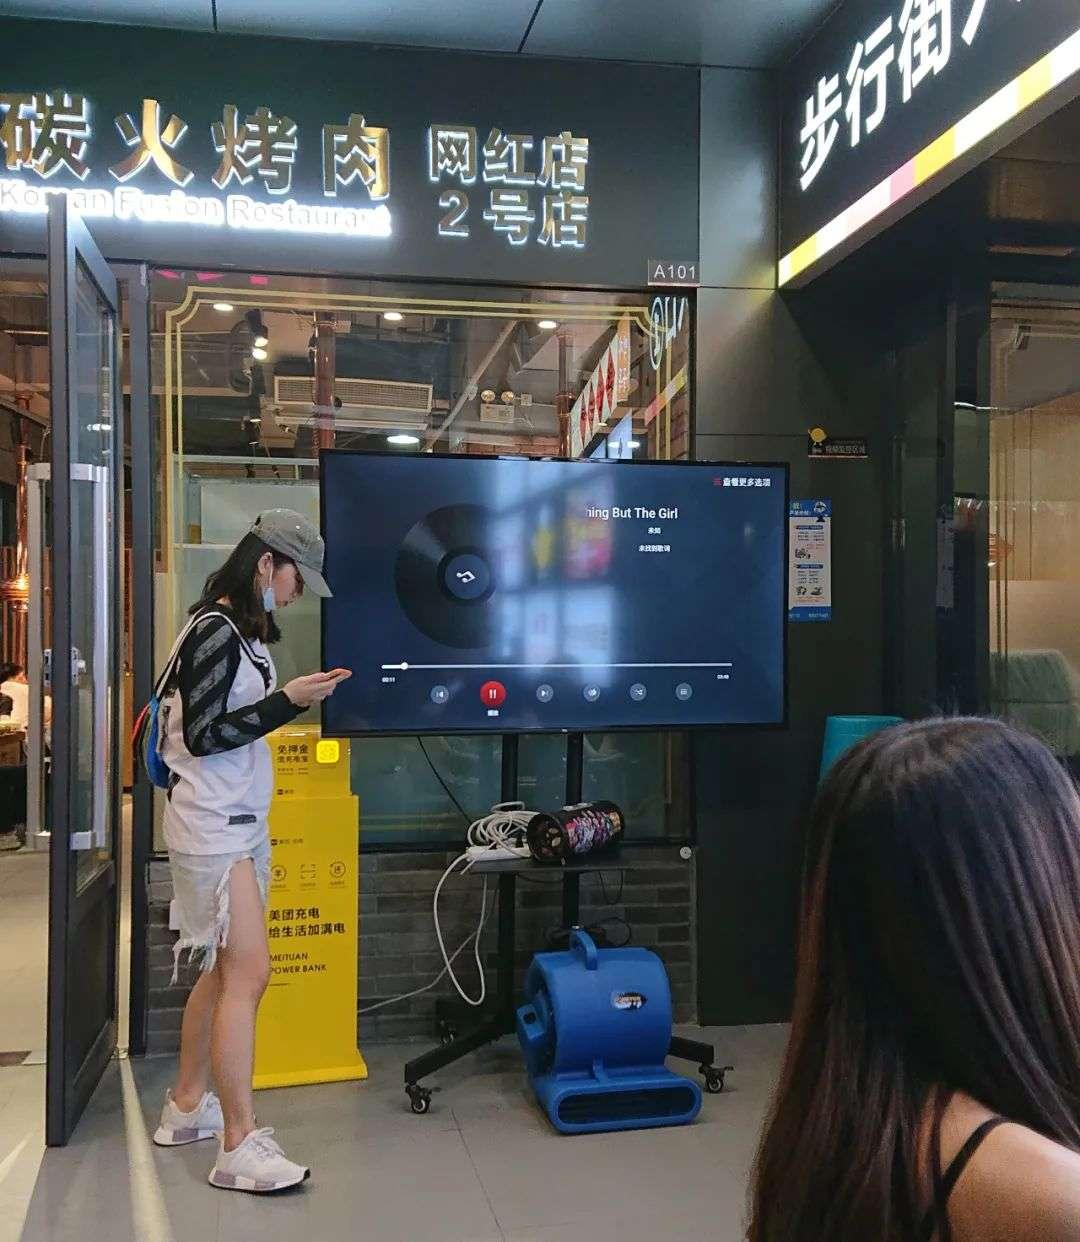 韩国三级酒吧里的暧昧一位店长模样的工作人员告诉红餐网虽然工作日和周末每天客流量不一样但现在基本天天爆满聊不到两句她就抽身进店忙活去了.(图11)